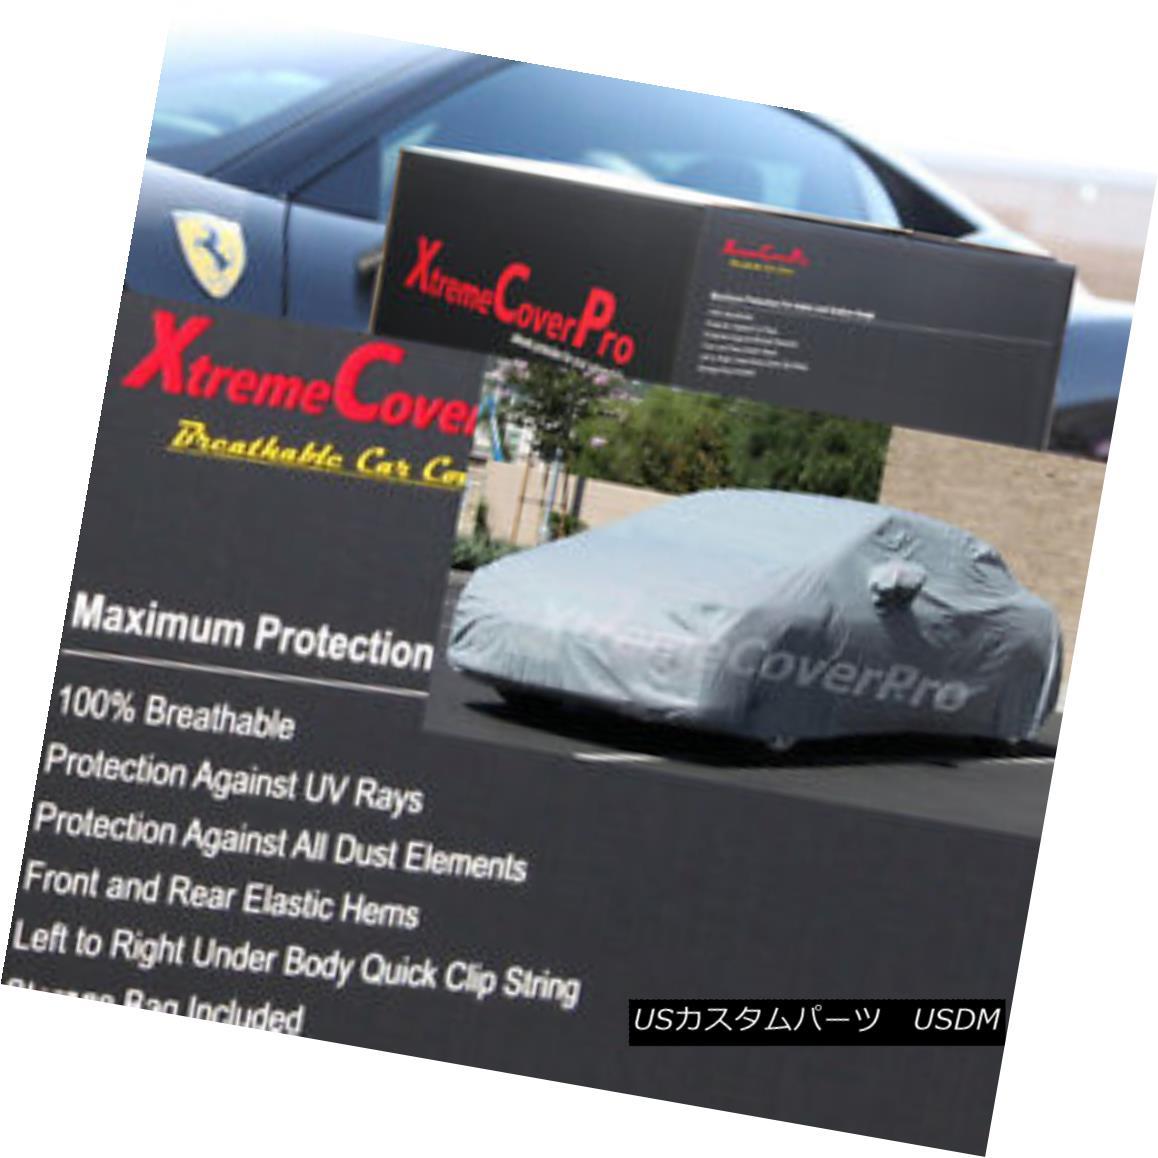 カーカバー 2015 DODGE CHARGER Breathable Car Cover w/Mirror Pockets - Gray 2015 DODGE CHARGER通気性のある車カバー付き/ミラーポケット - グレー